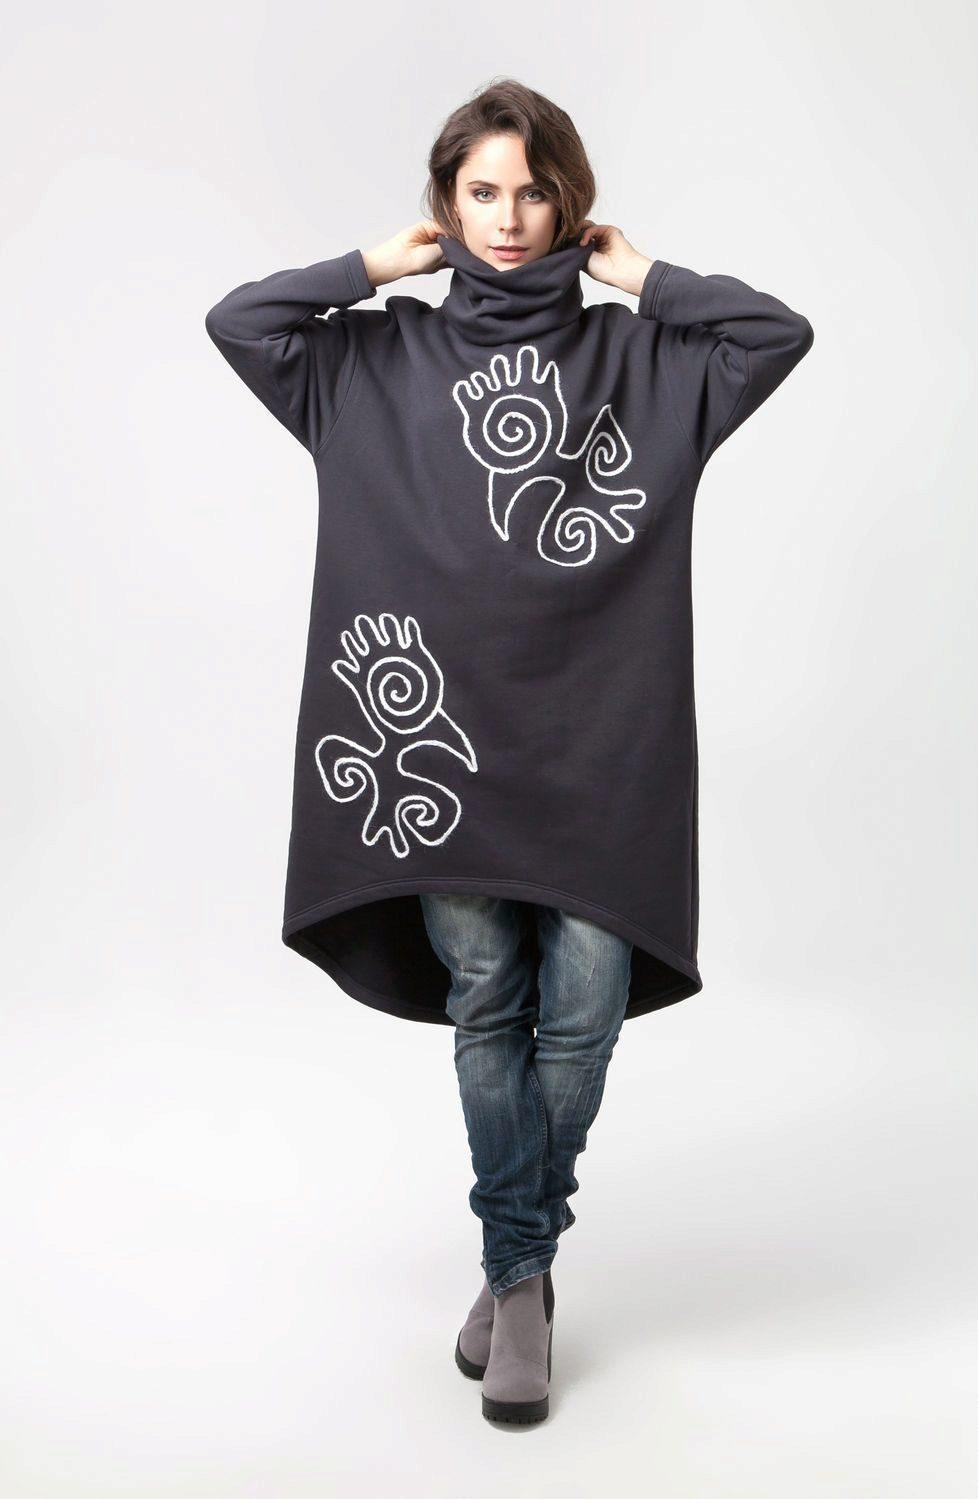 Горнолыжный костюм volki женский купить с доставкой